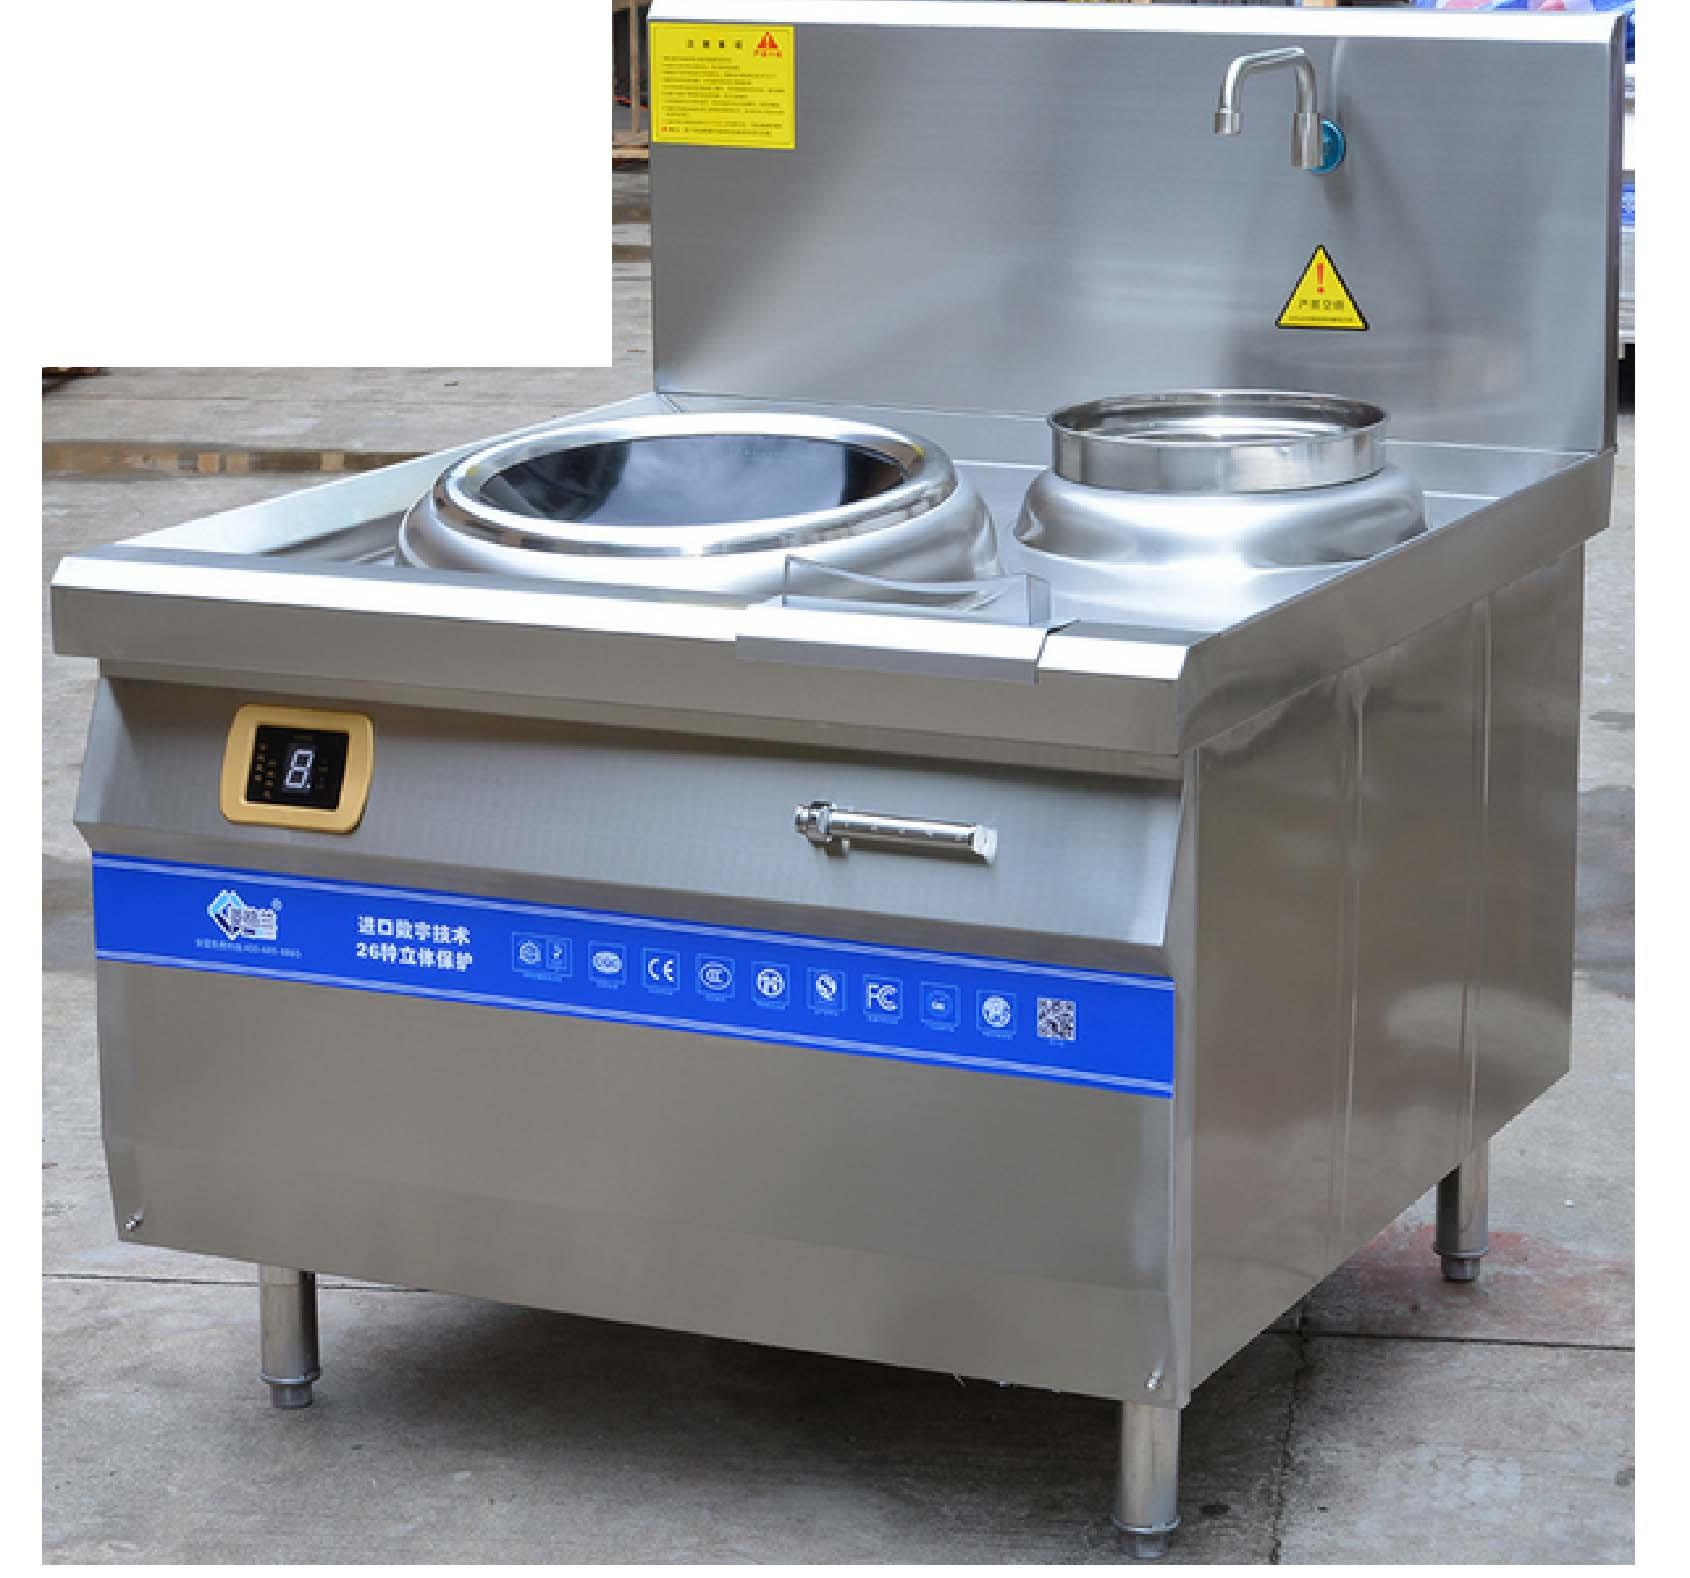 厦门厨房设备供应商--漳州厨房设备_厦门炫厨厨业